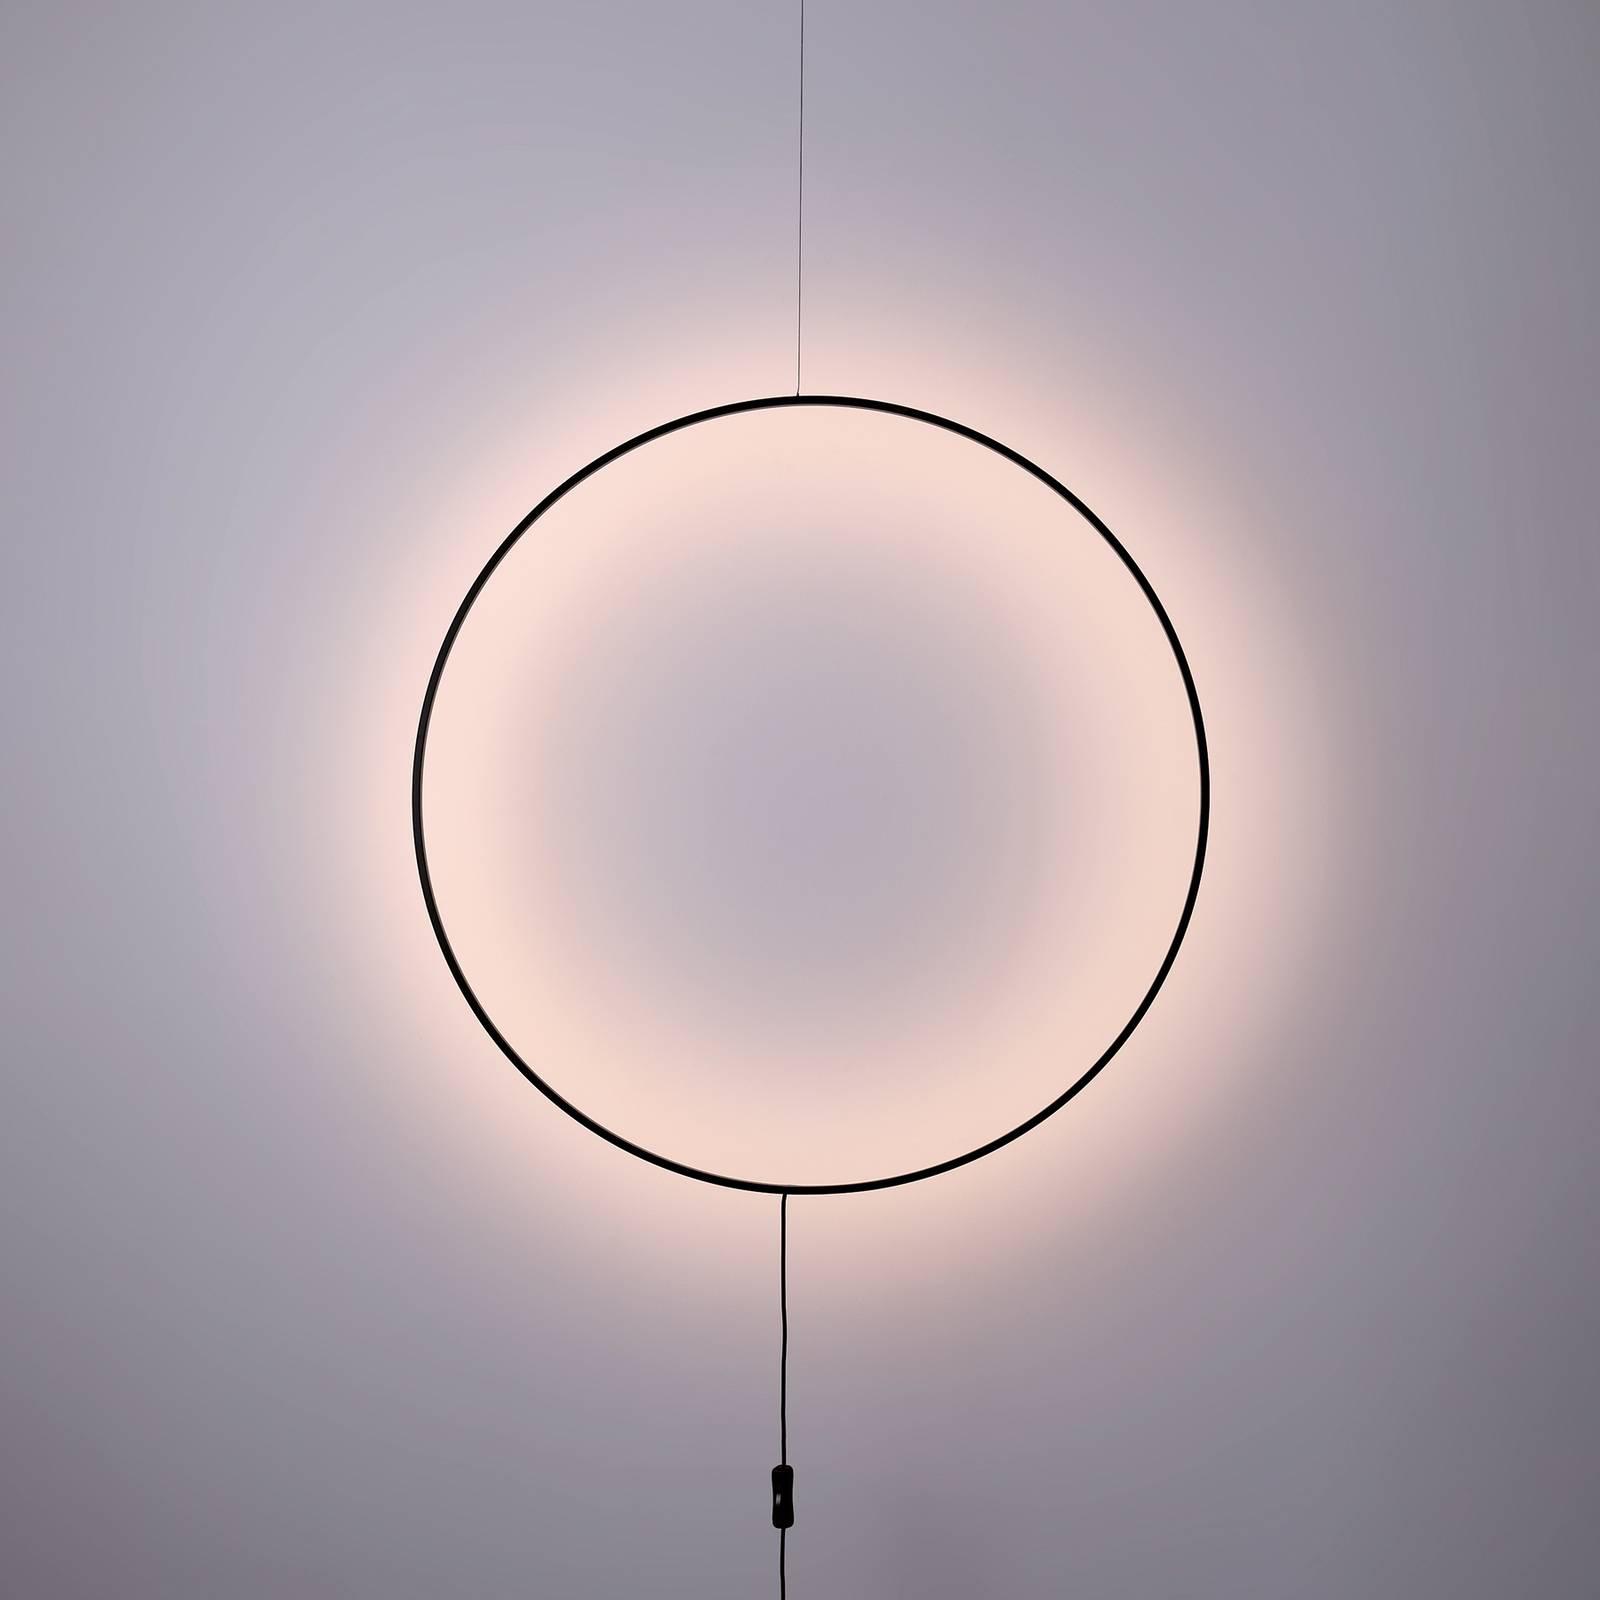 LED-Wandleuchte Shadow, kreisförmig, Ø 61 cm günstig online kaufen